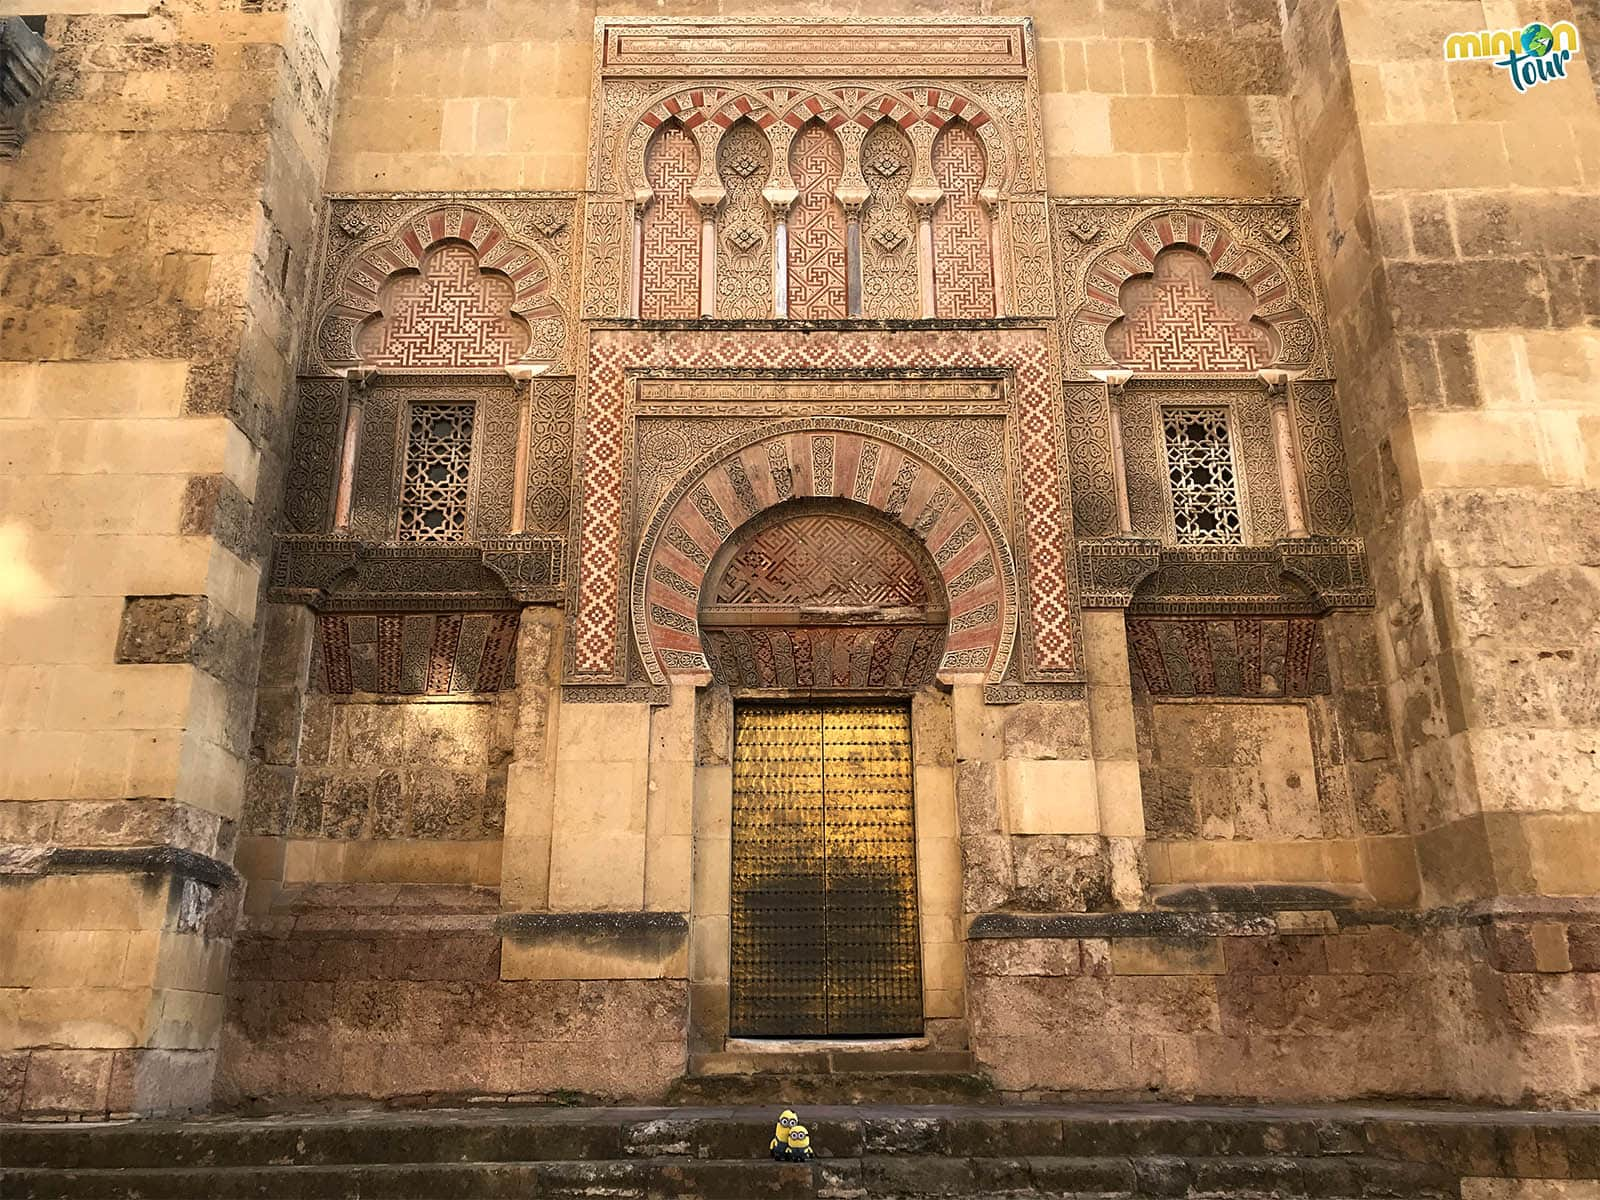 Paseando por las puertas de la Mezquita